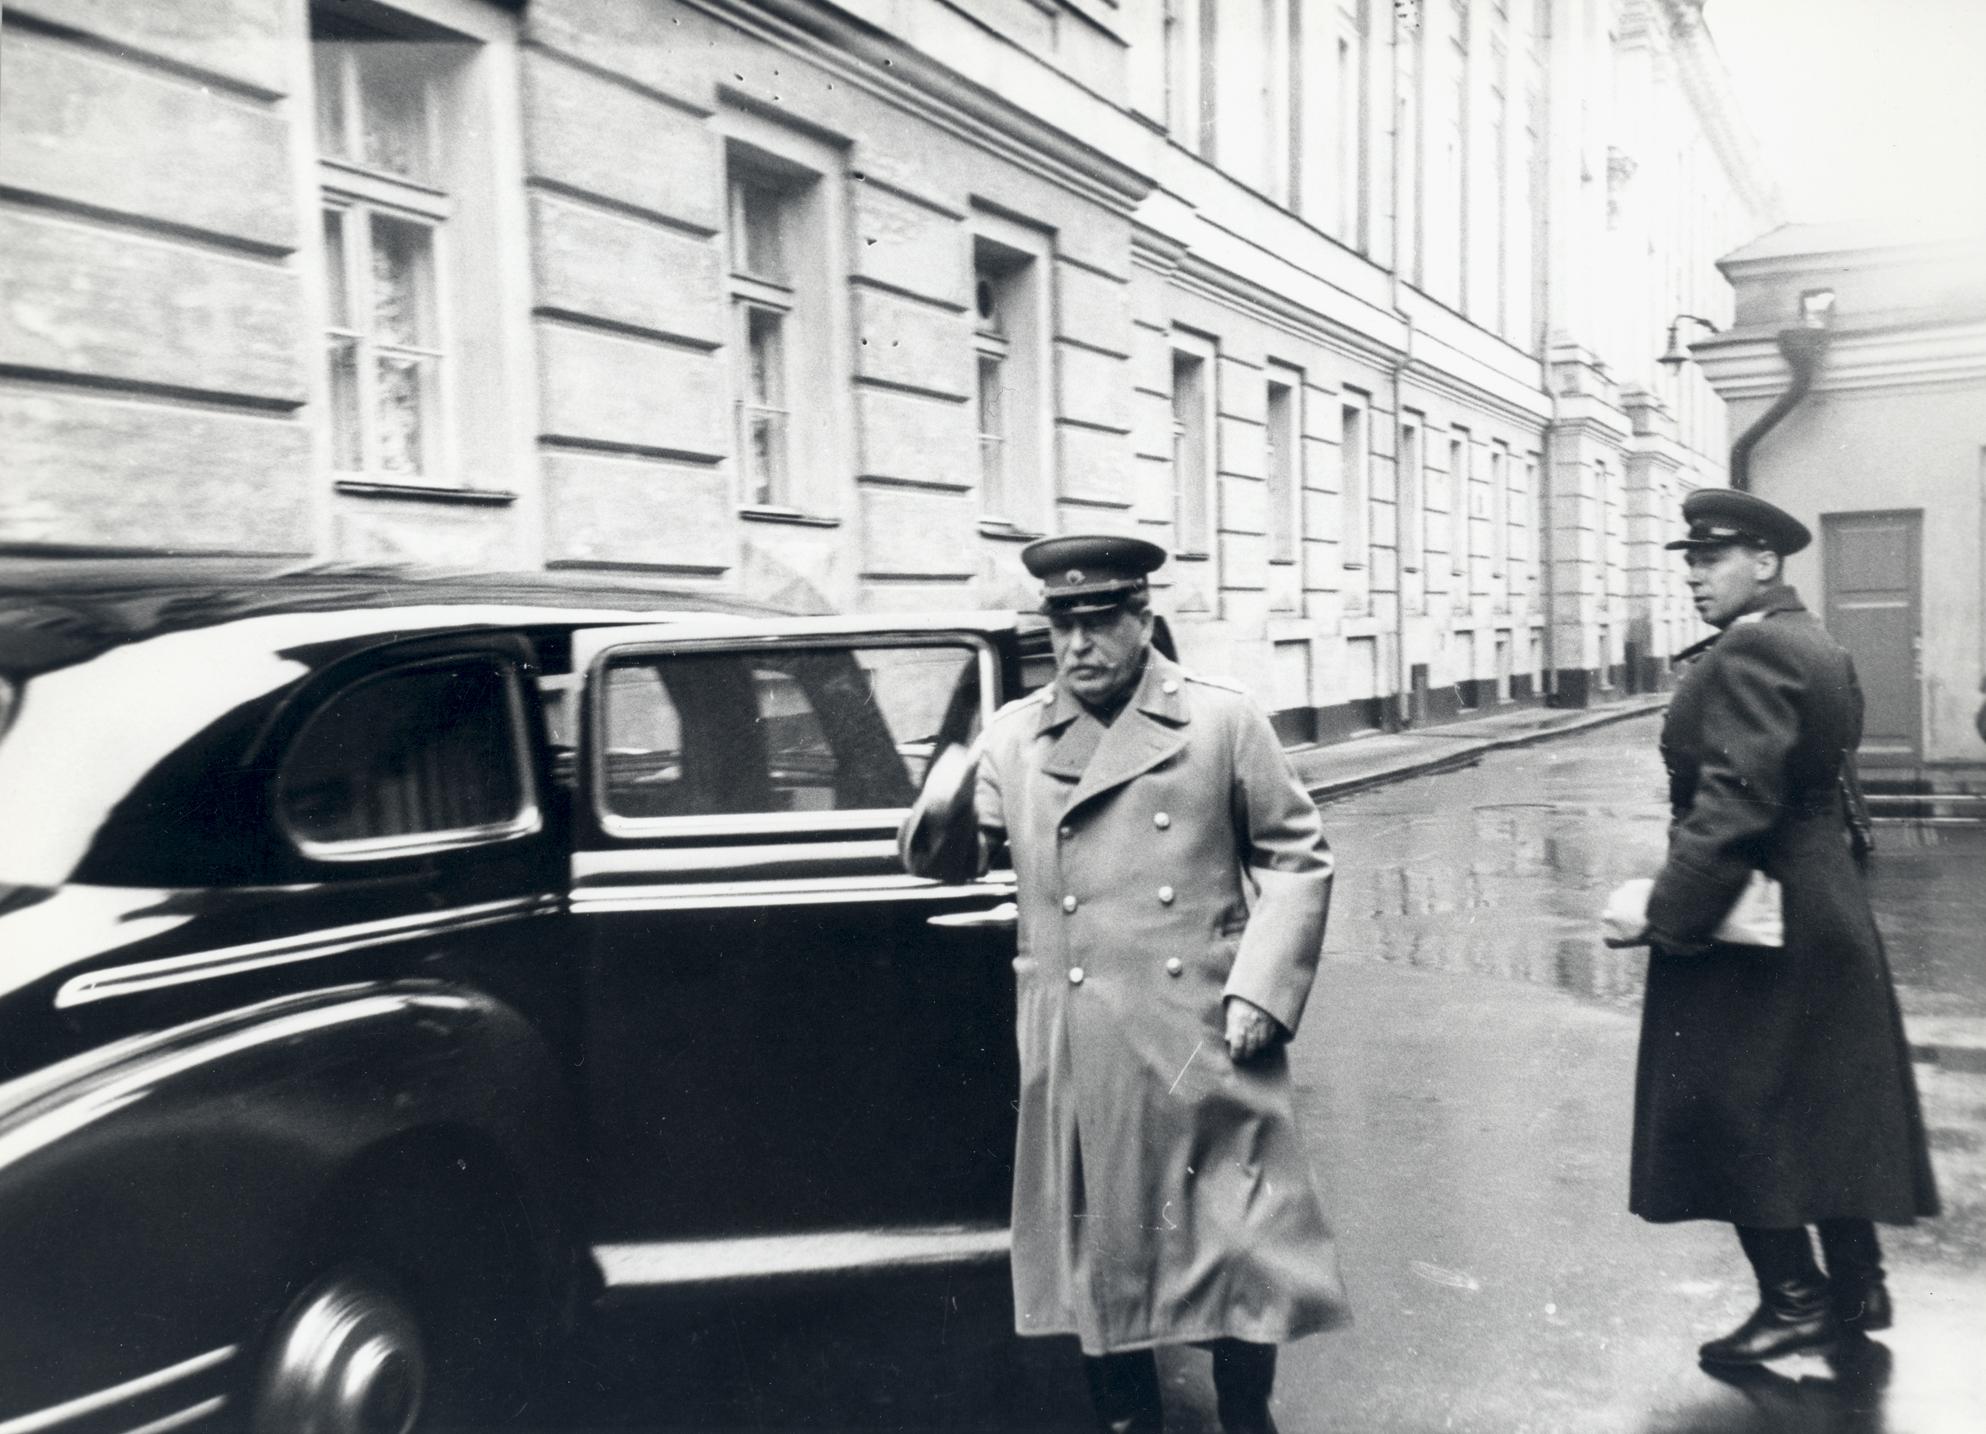 Этот снимок выходящего из ЗИС-115 Иосифа Сталина – одна из последних прижизненных фотографий вождя, сделанная 7 ноября 1952 года. Броневик остановился между Сенатским дворцом и Кремлевской стеной напротив прохода к Мавзолею. Фото: РГАКФД